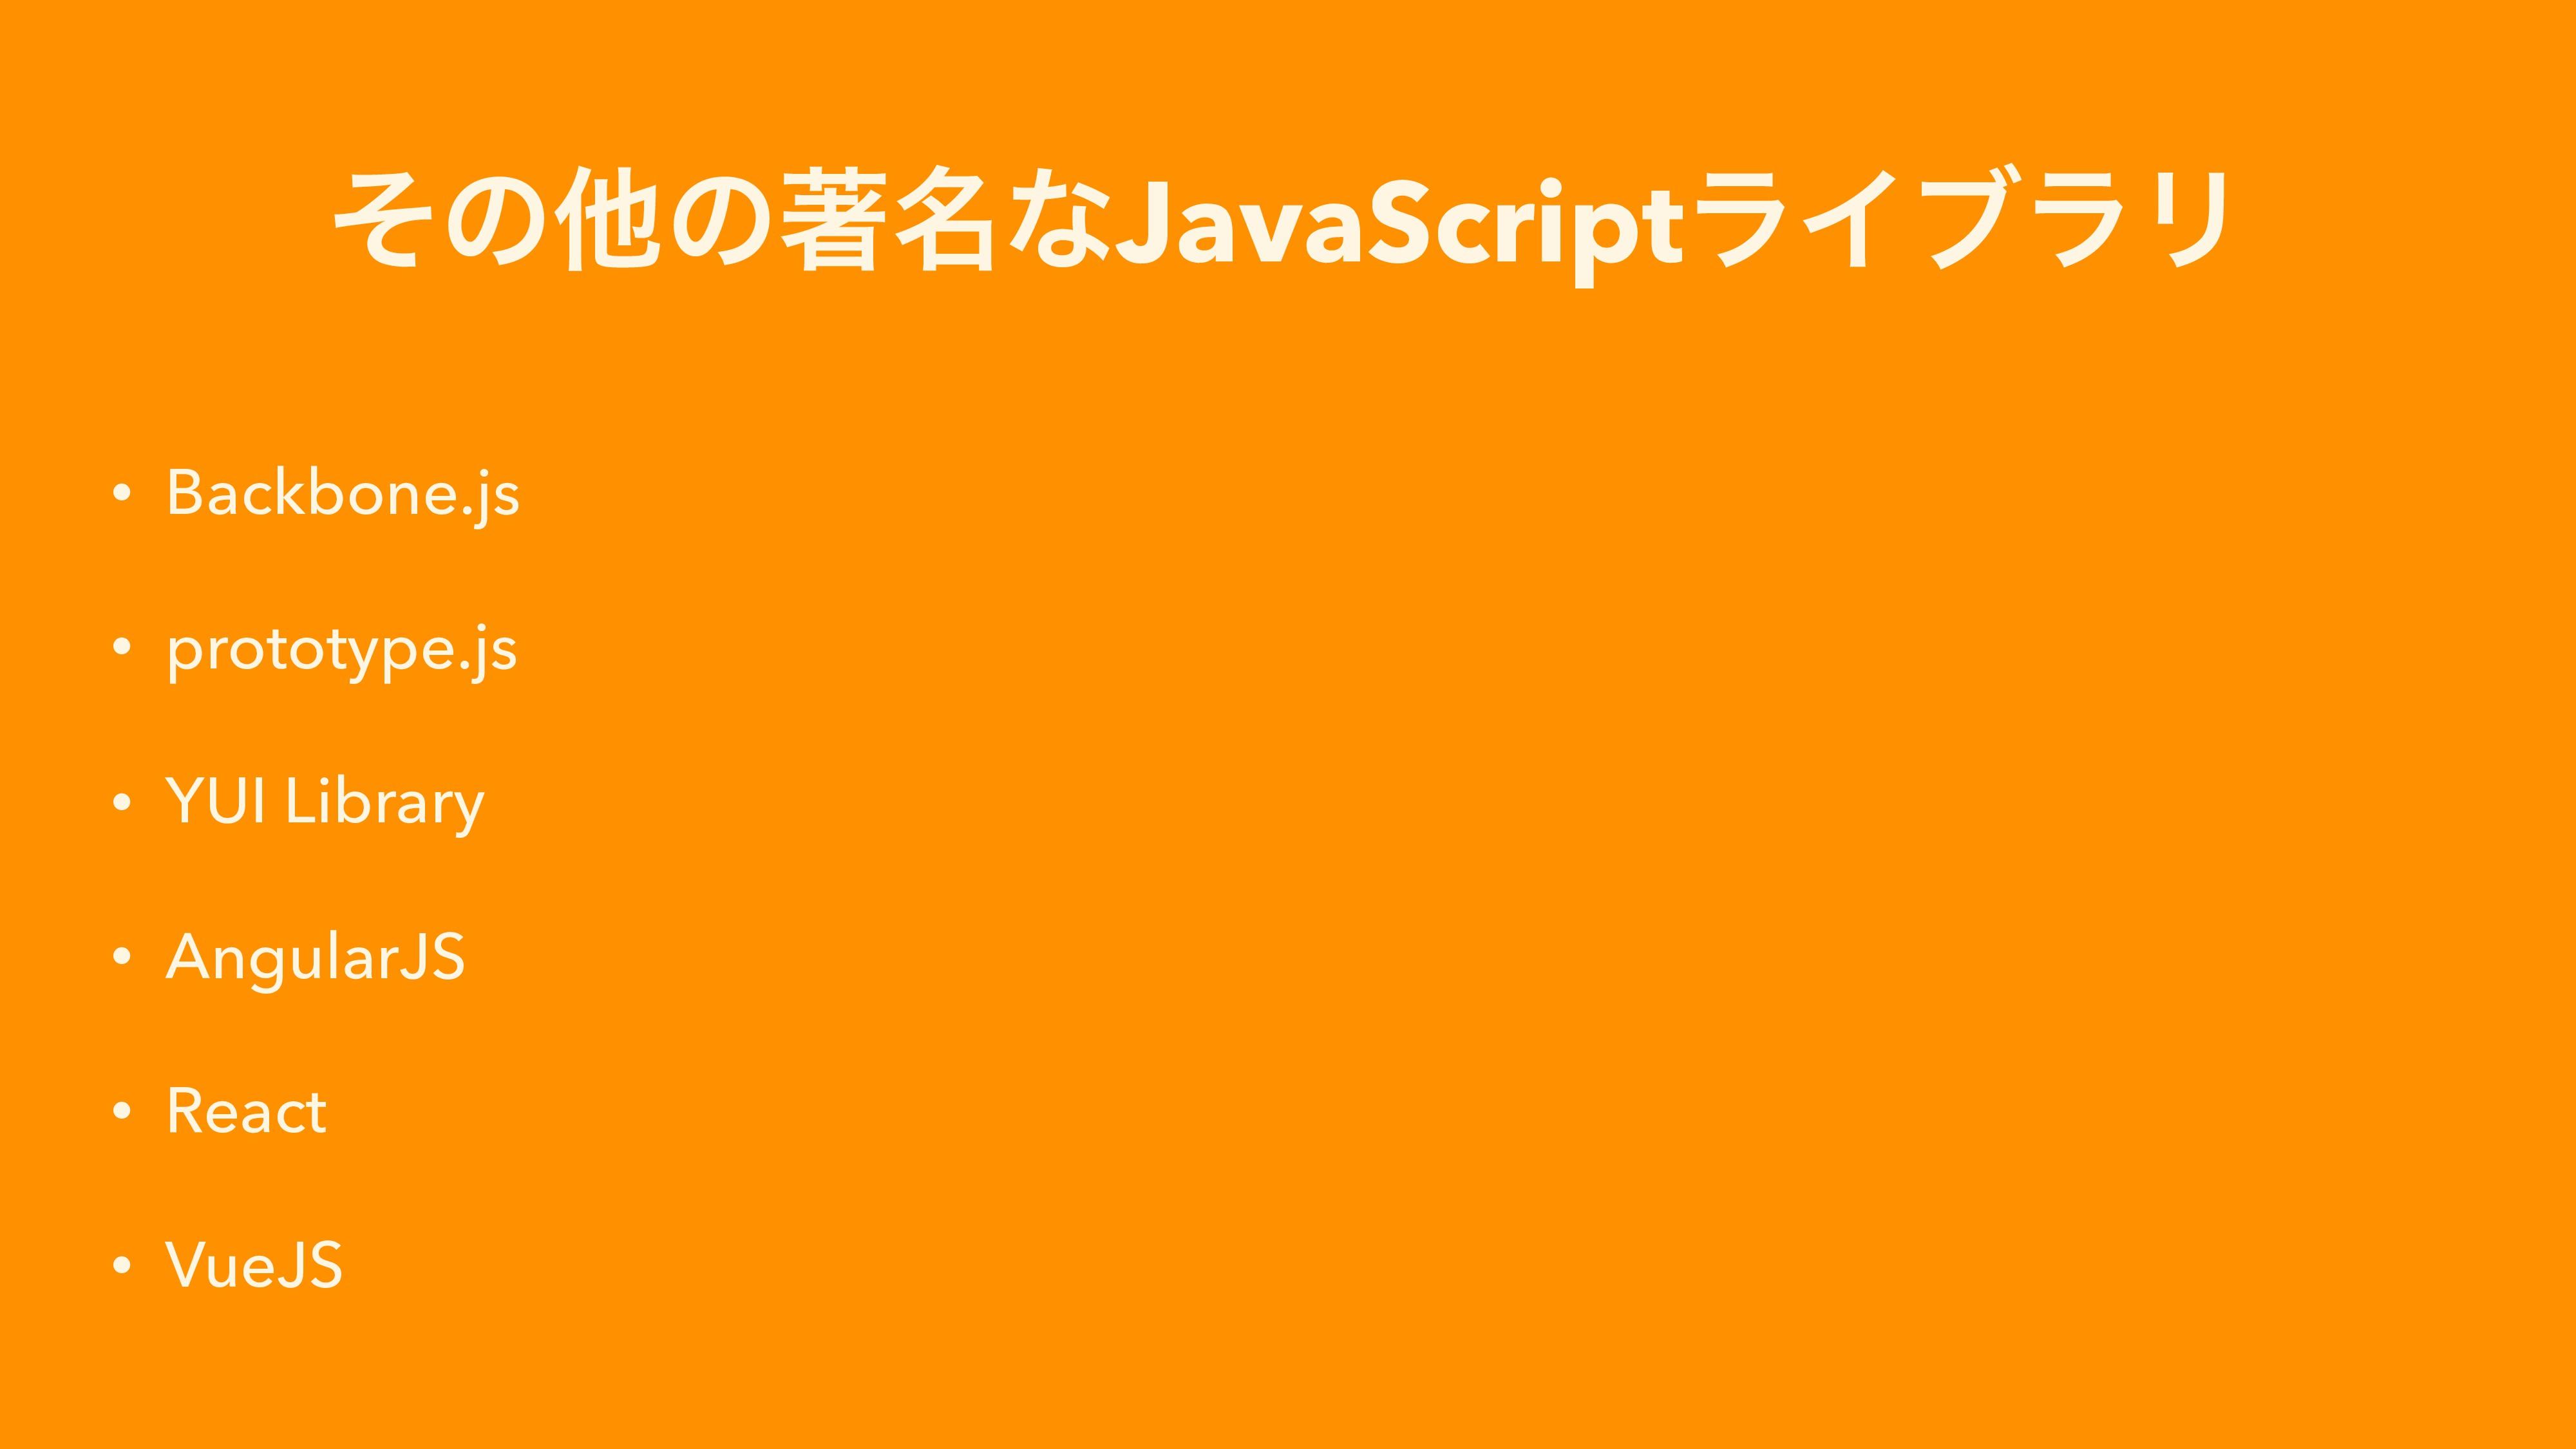 ͦͷଞͷஶ໊ͳJavaScriptϥΠϒϥϦ • Backbone.js • prototyp...